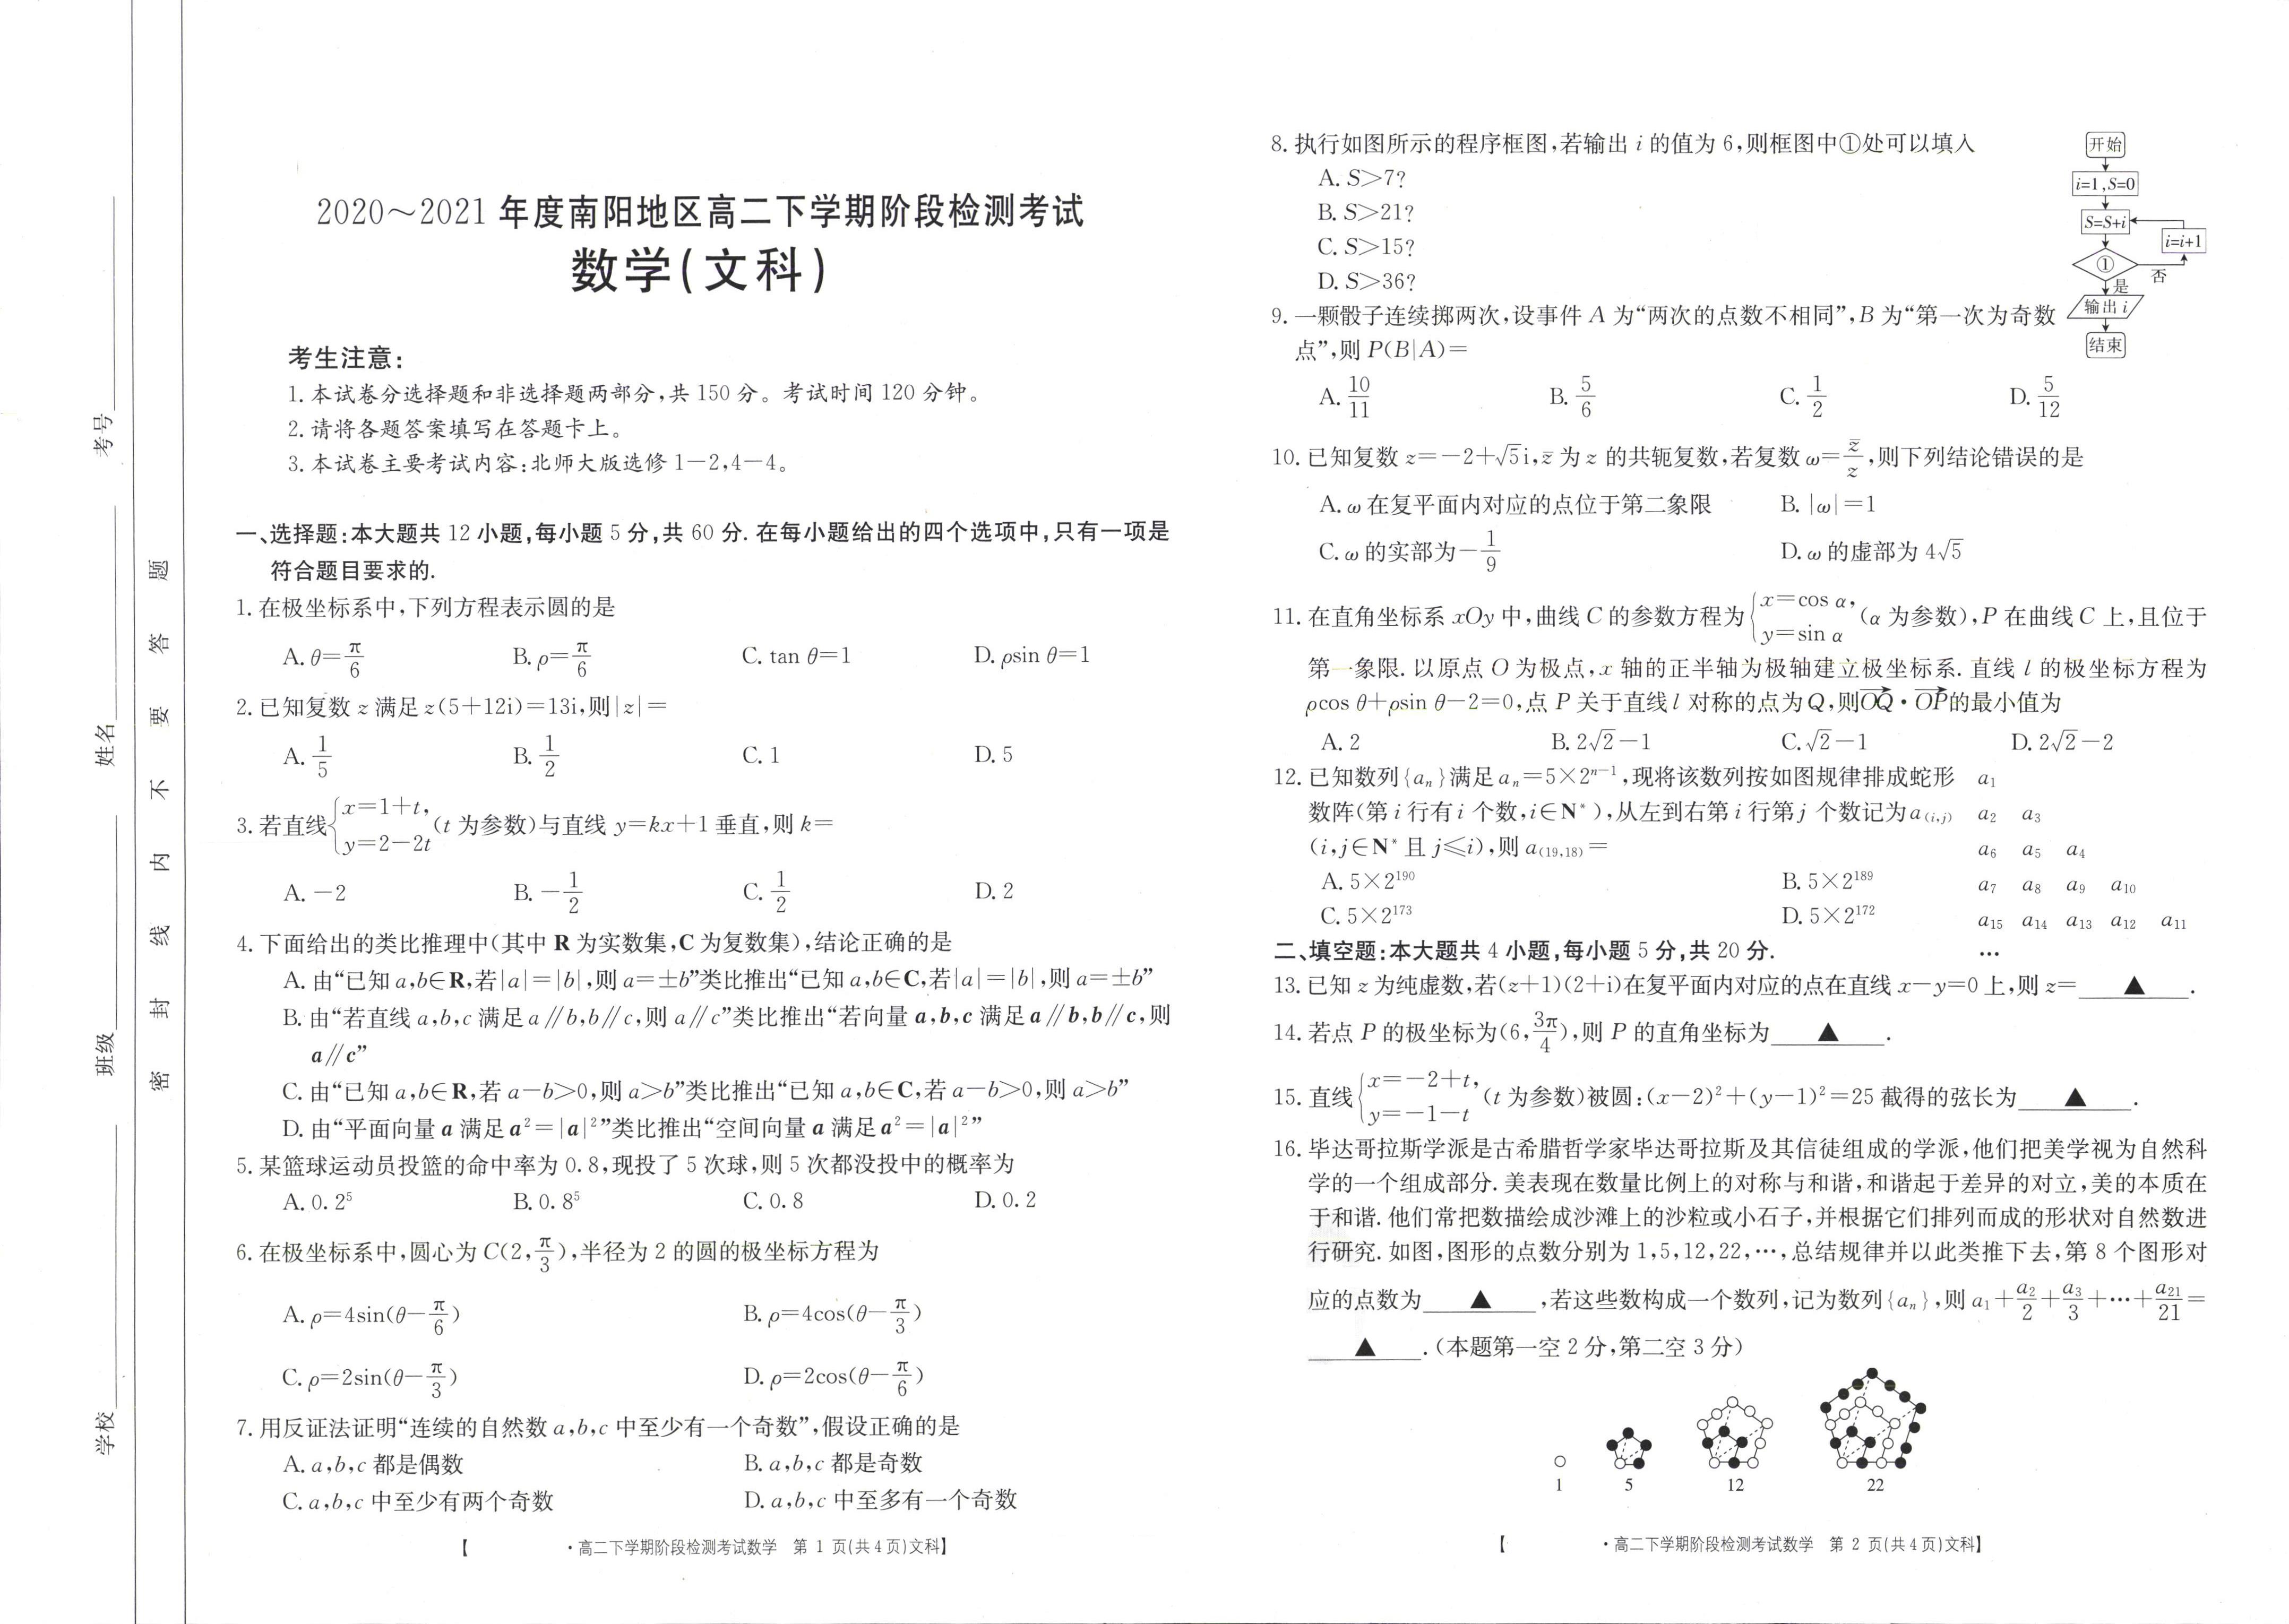 河南省郑州市郊县2020-2021学年高一下学期期末模拟考试数学试题 PDF版含答案